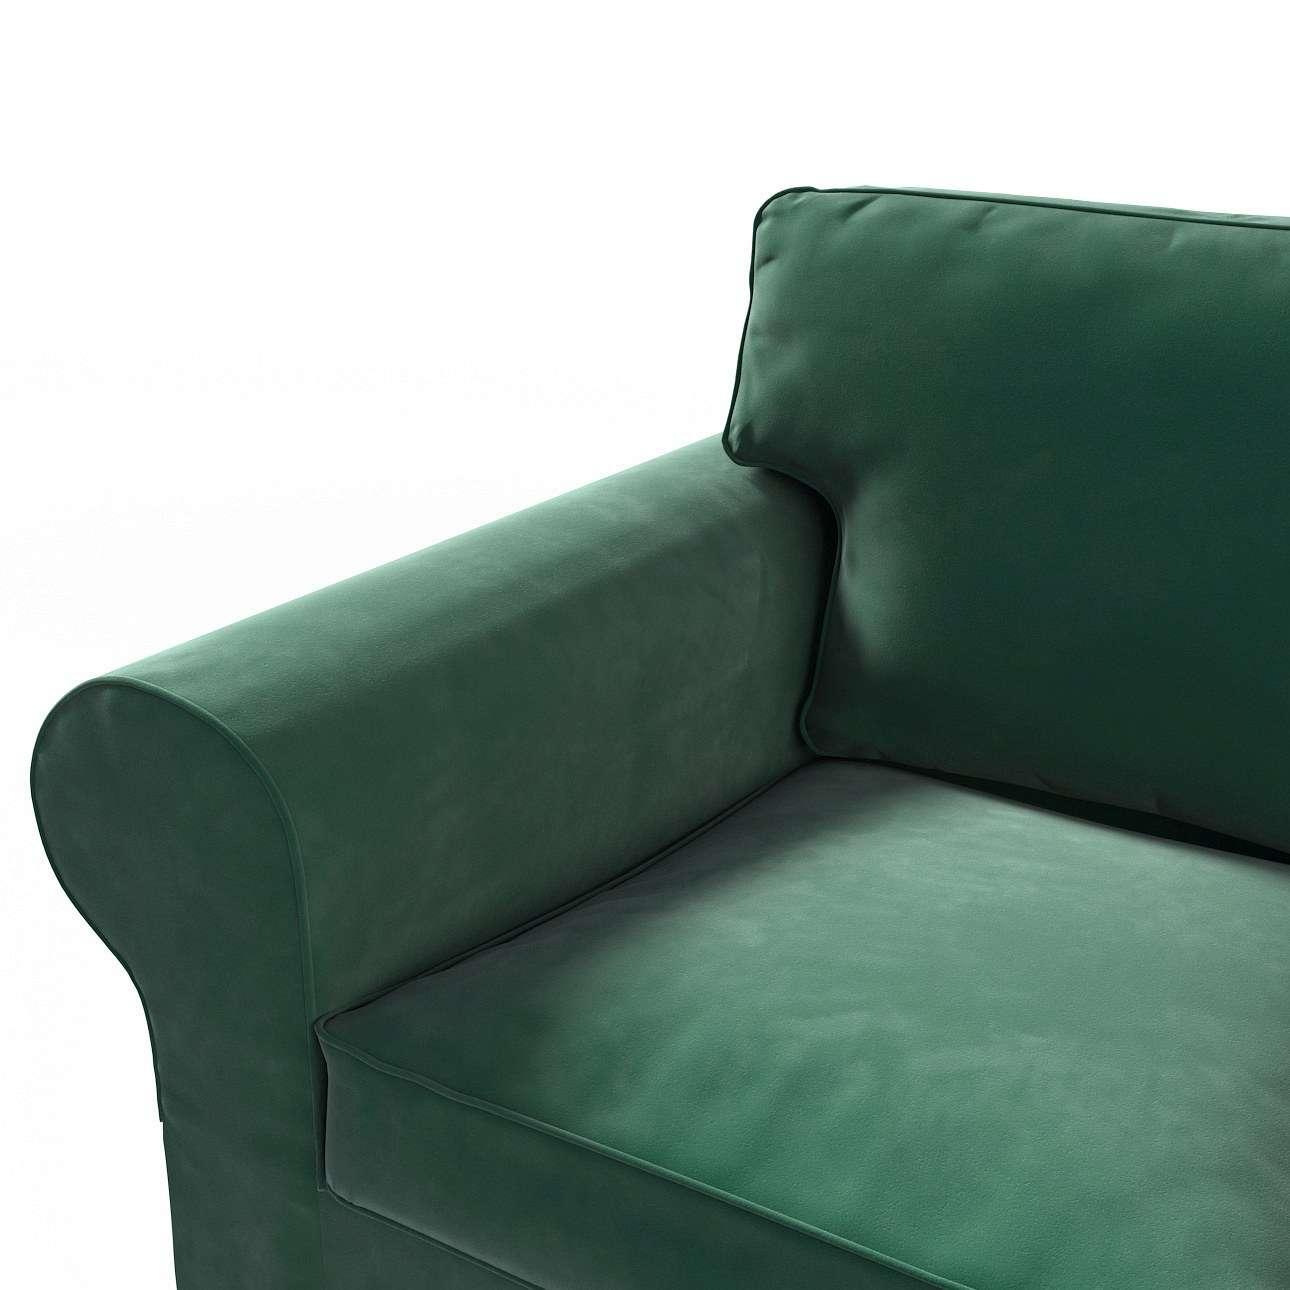 Bezug für Ektorp 2-Sitzer Schlafsofa ALTES Modell von der Kollektion Velvet, Stoff: 704-25